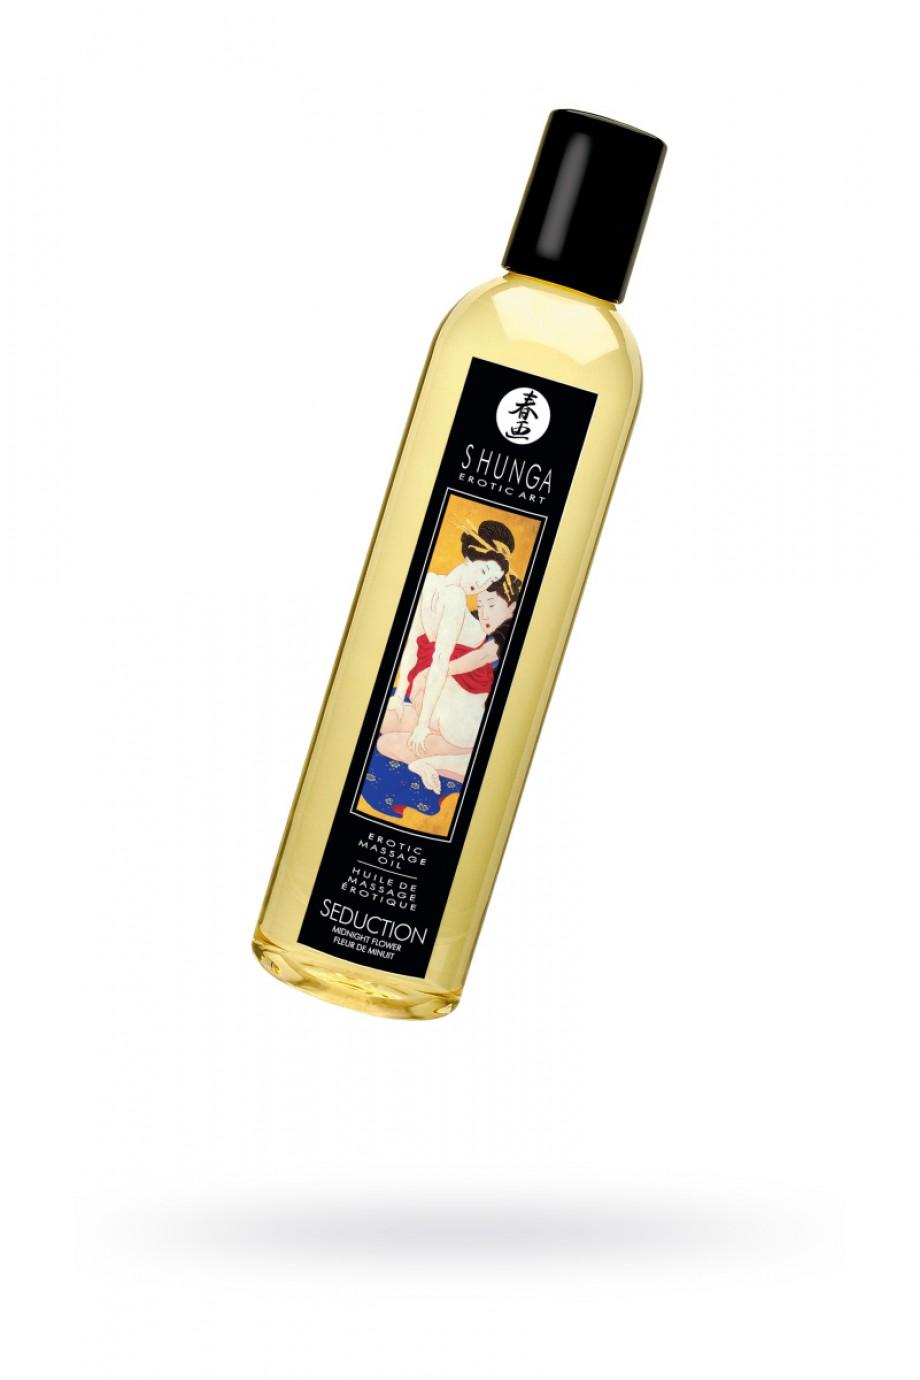 Масло для массажа Shunga Соблазн «Полночный цветок», натуральное, возбуждающее, с цветочным ароматом, 250 мл